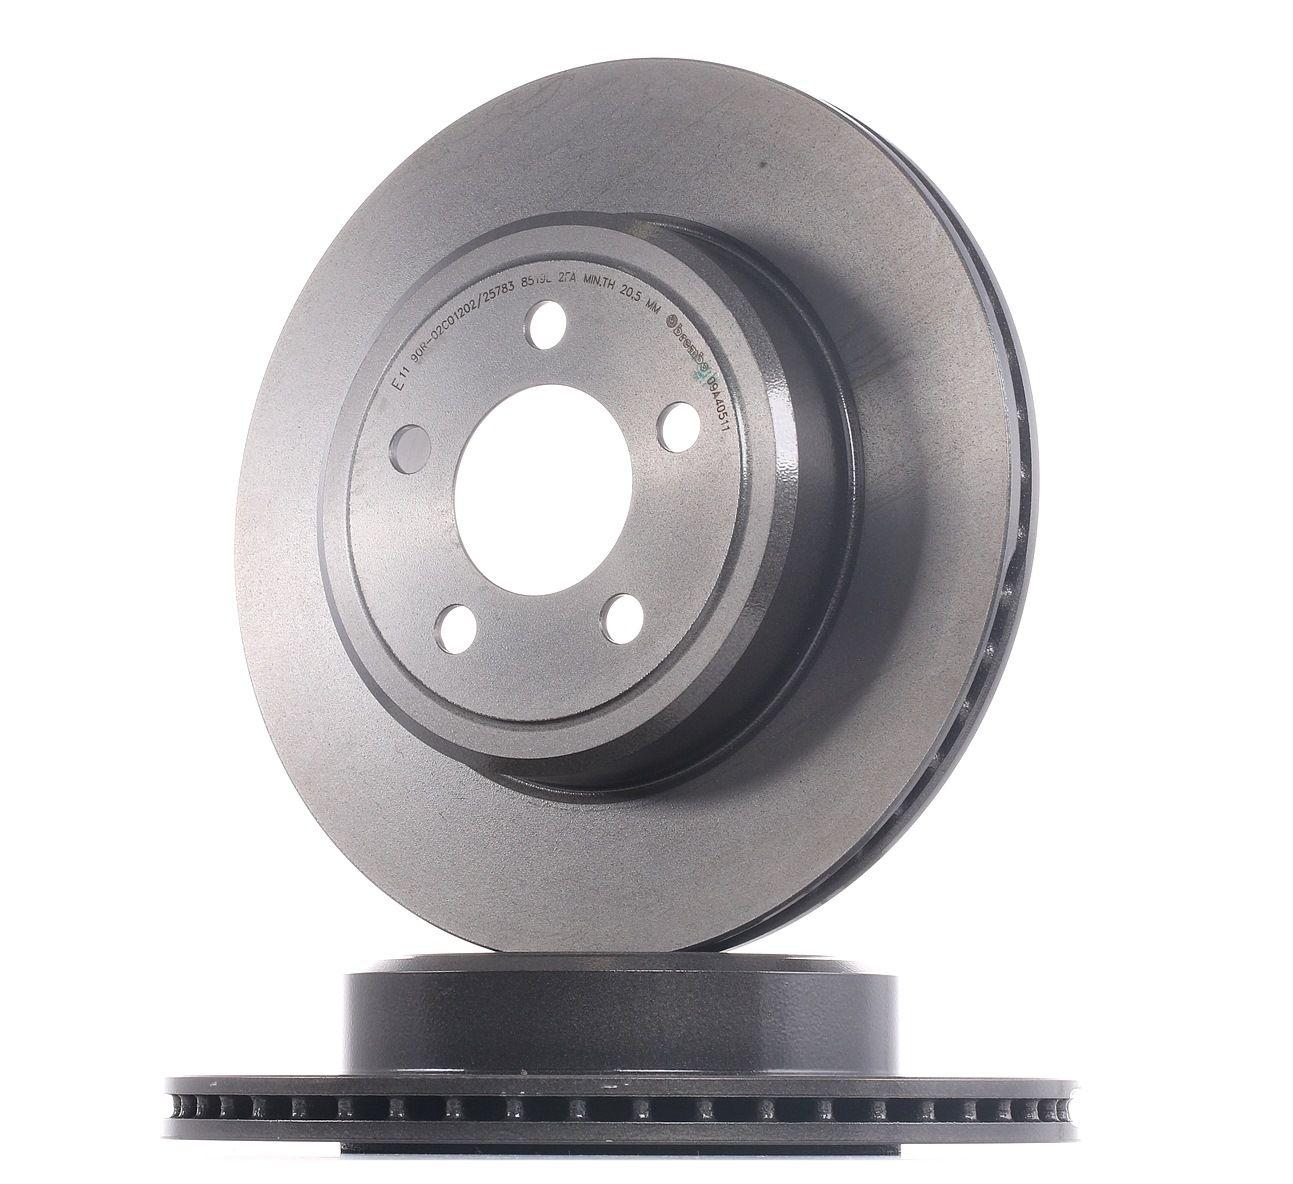 Comprare 09.A405.11 BREMBO COATED DISC LINE Autoventilato, rivestito Ø: 320mm, N° fori: 5, Spessore disco freno: 22mm Disco freno 09.A405.11 poco costoso